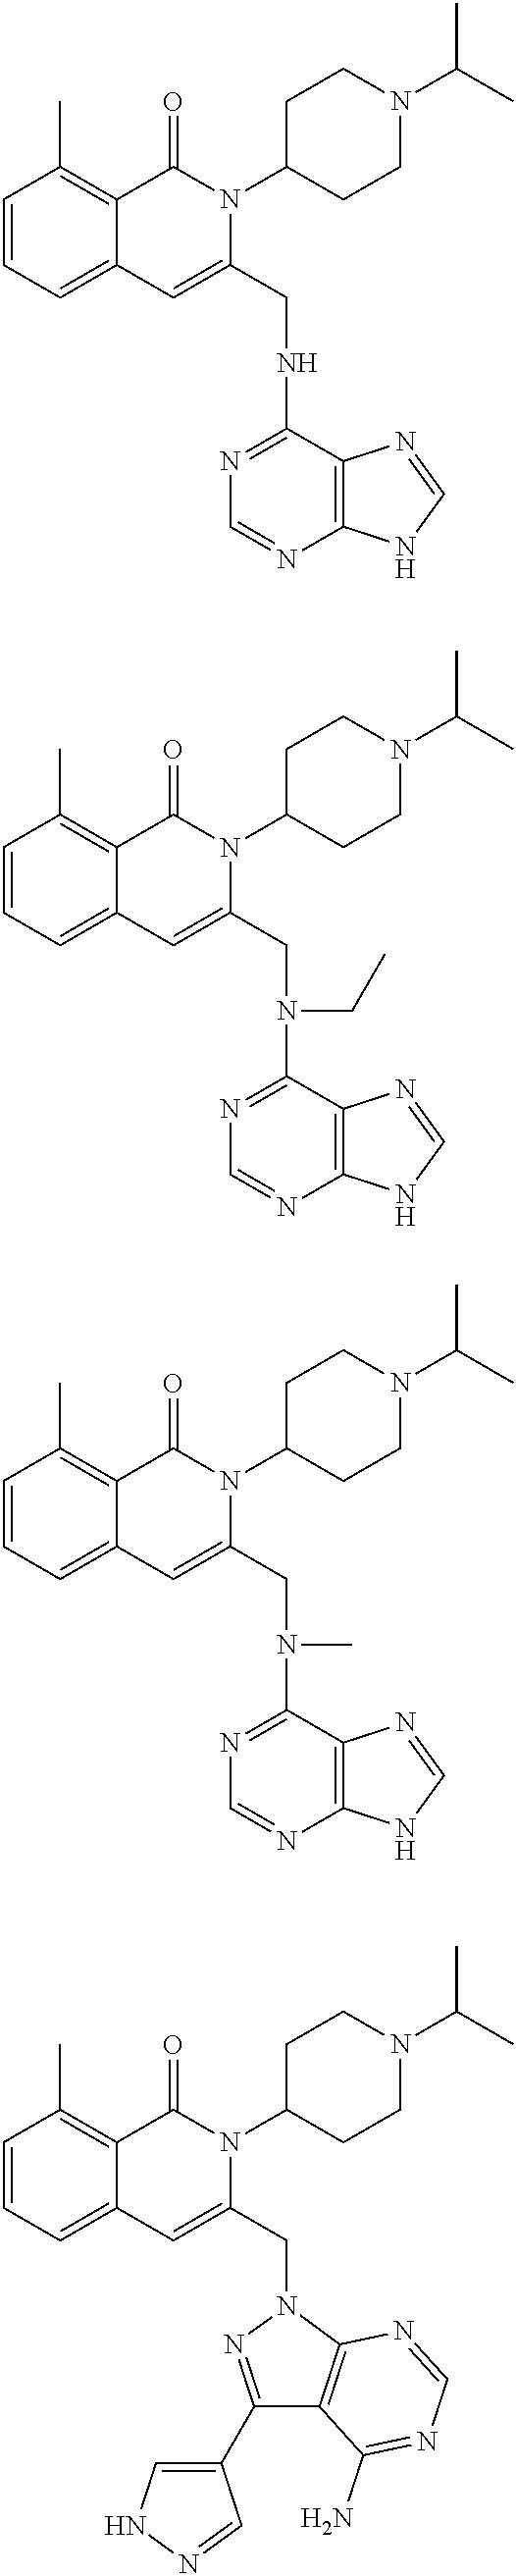 Figure US20110046165A1-20110224-C00336